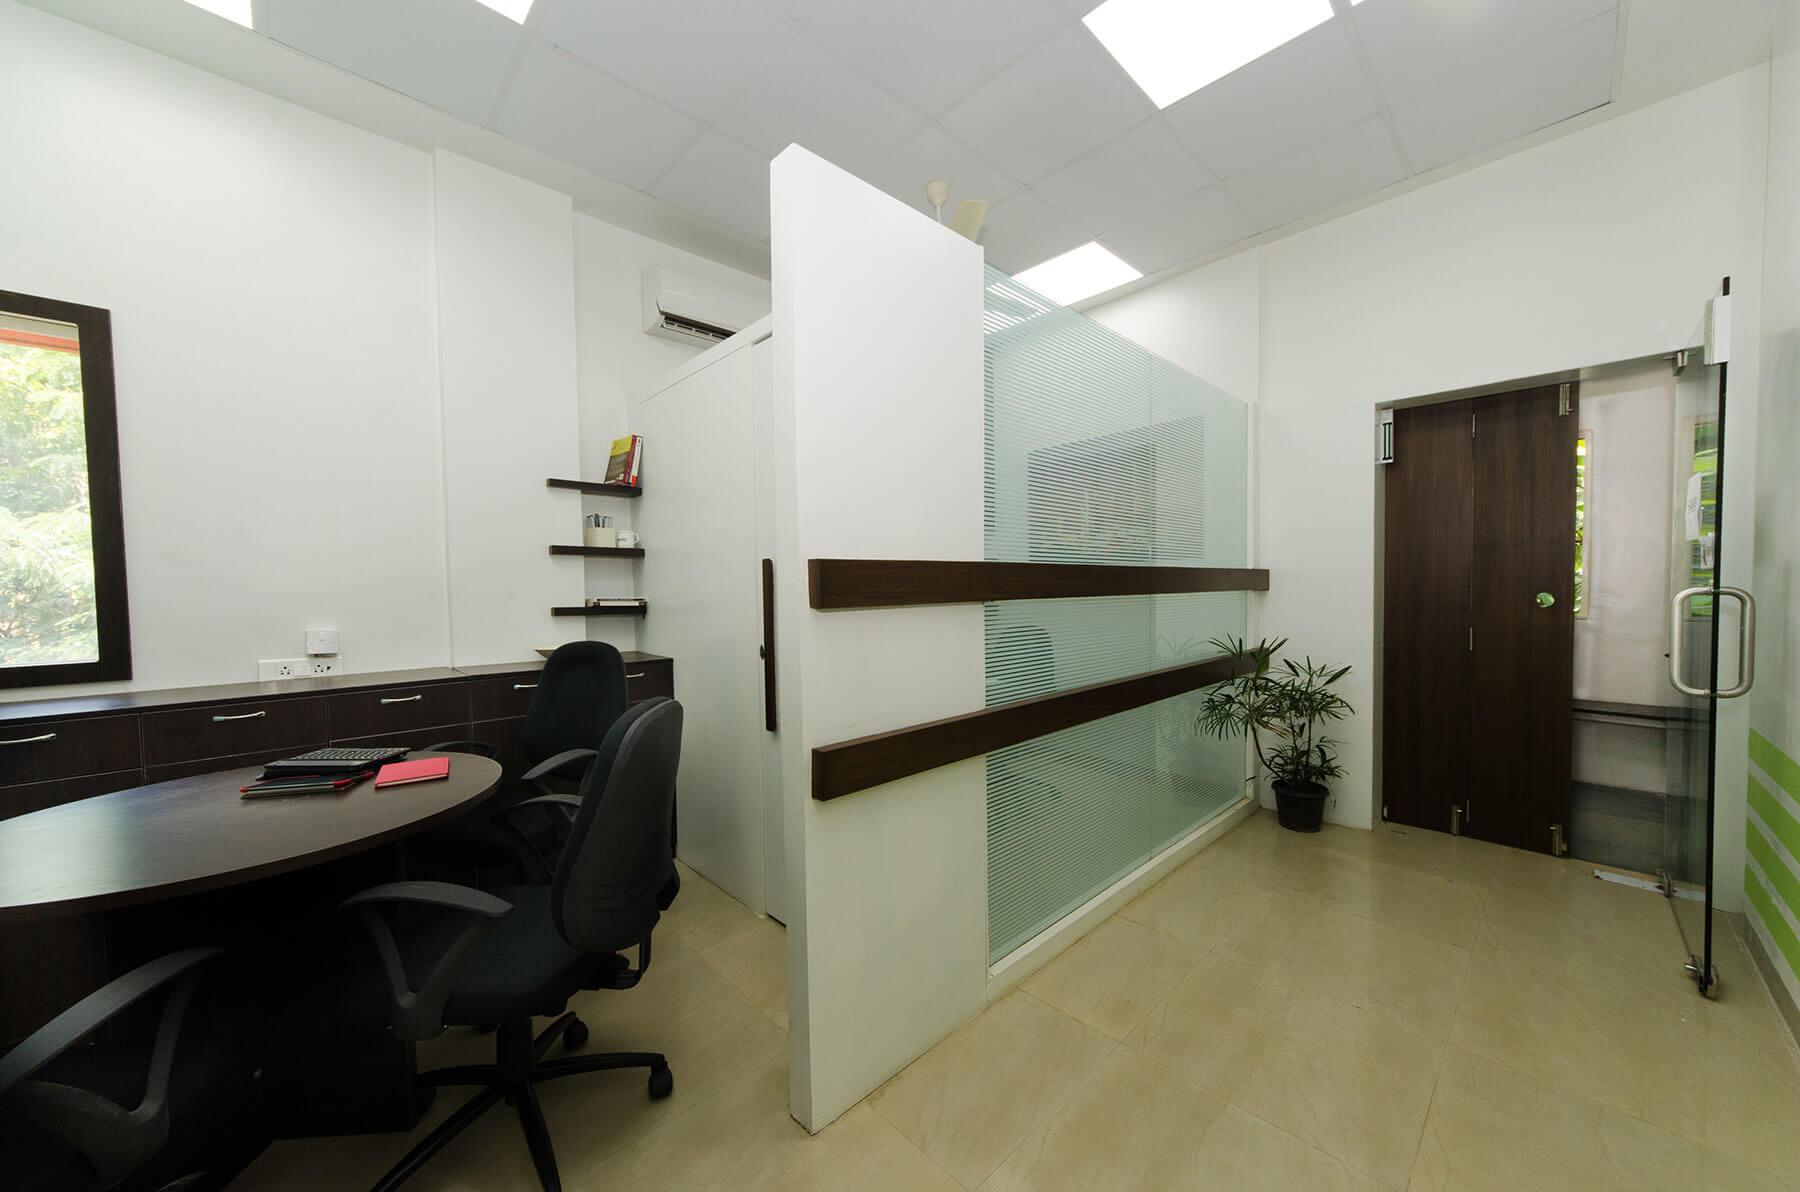 lightroom export-6138